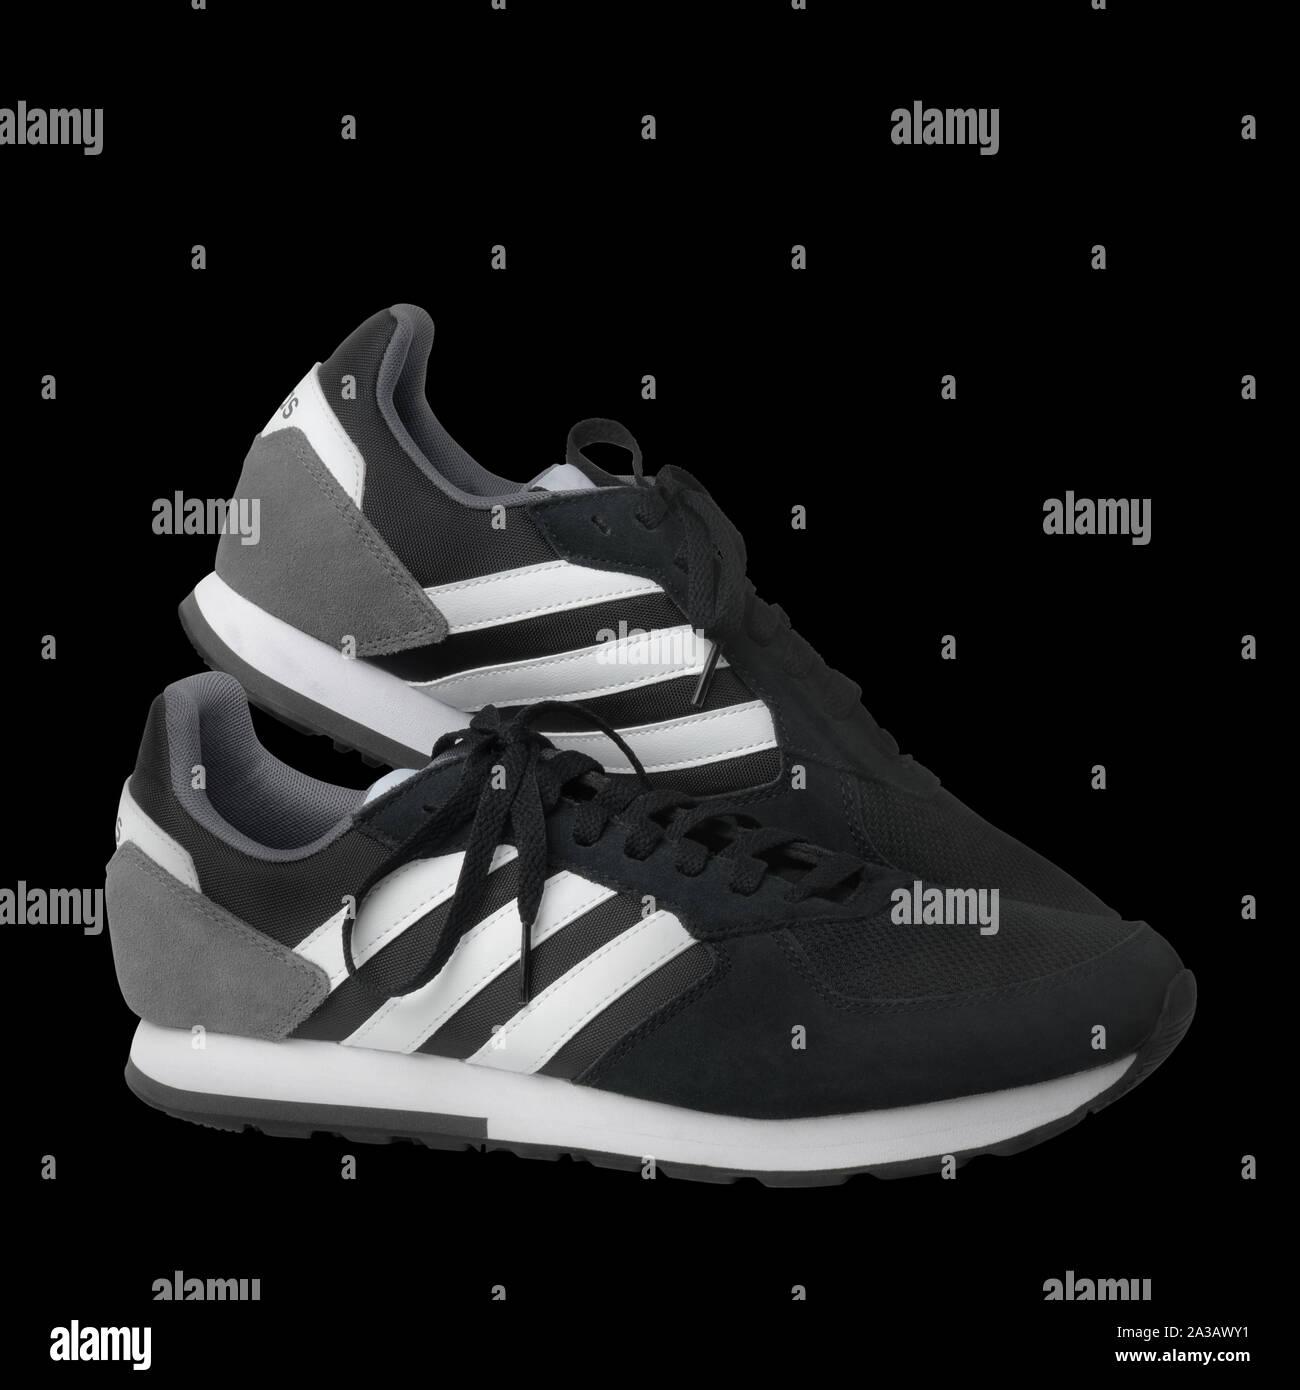 Adidas Schuhe StockfotosAdidas Schwarz Weiß Weiß Schwarz by76fg